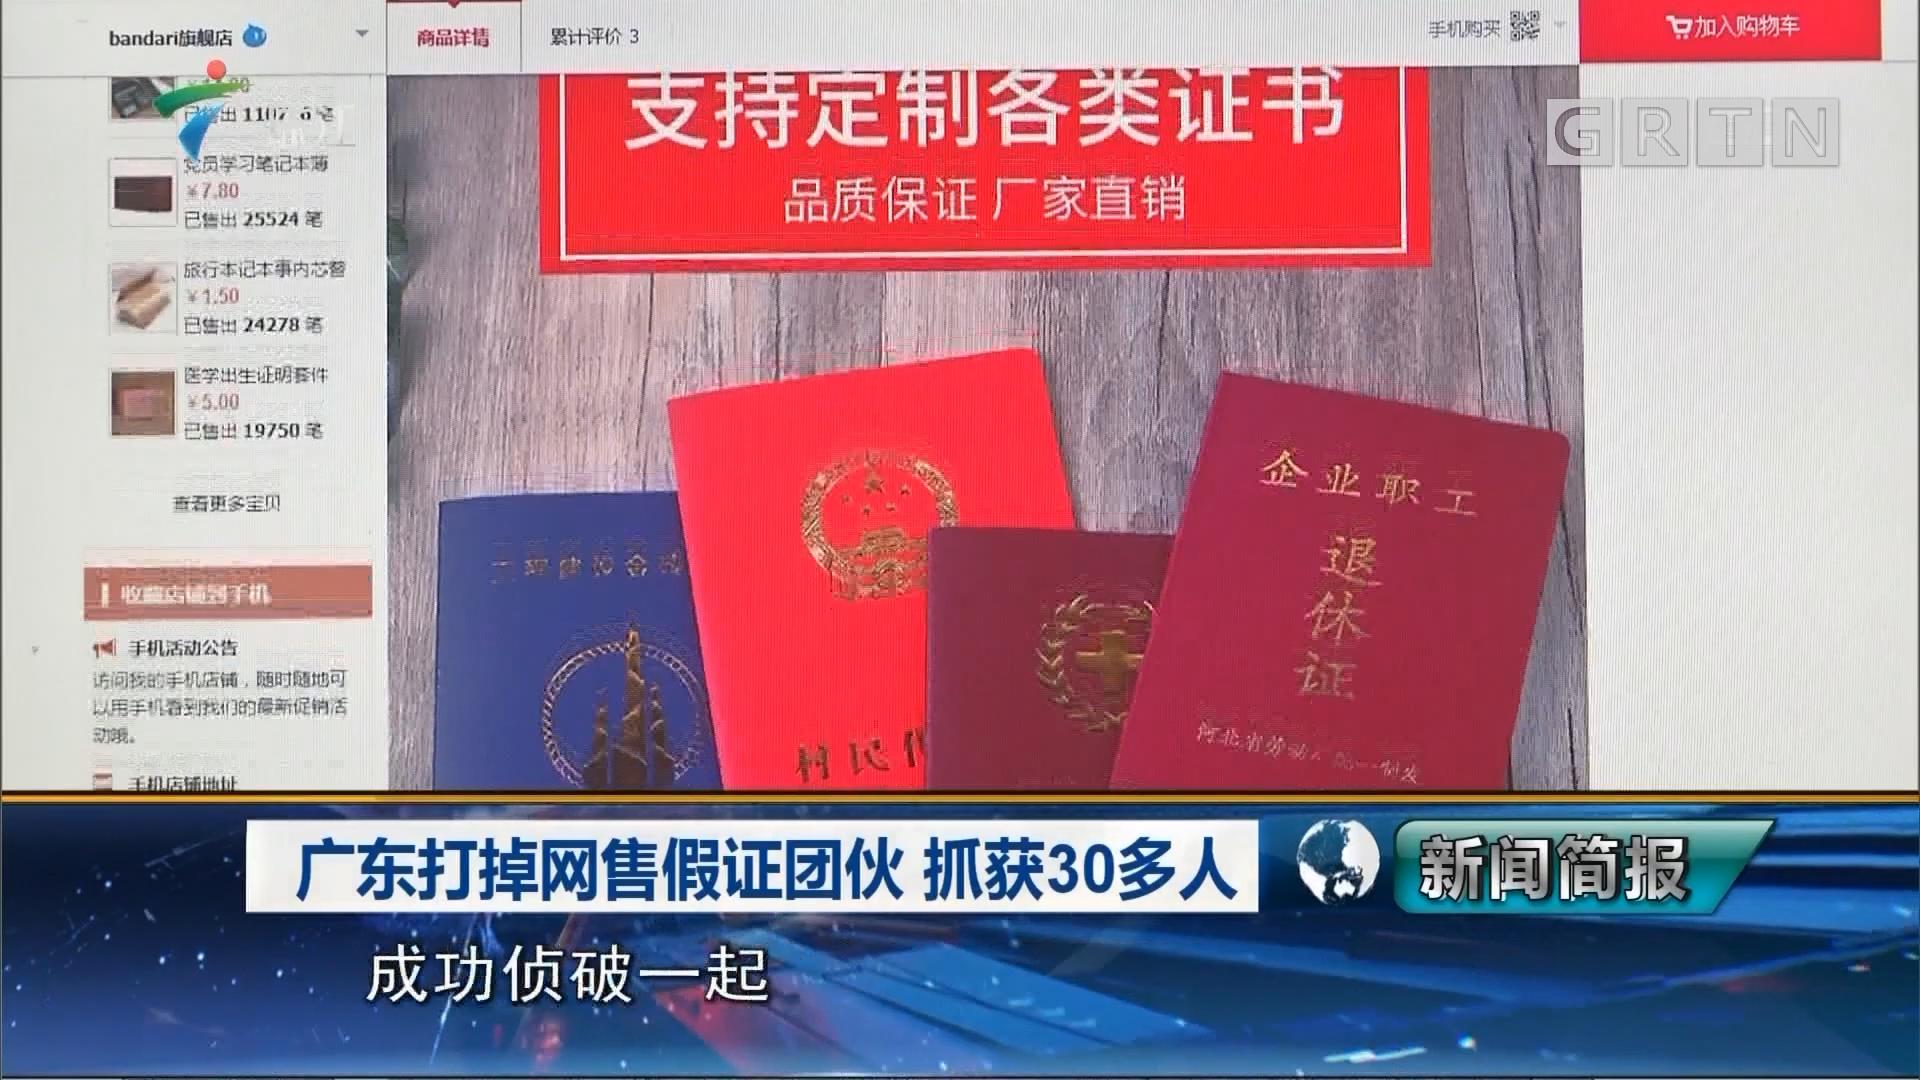 廣東打掉網售假證團伙 抓獲30多人